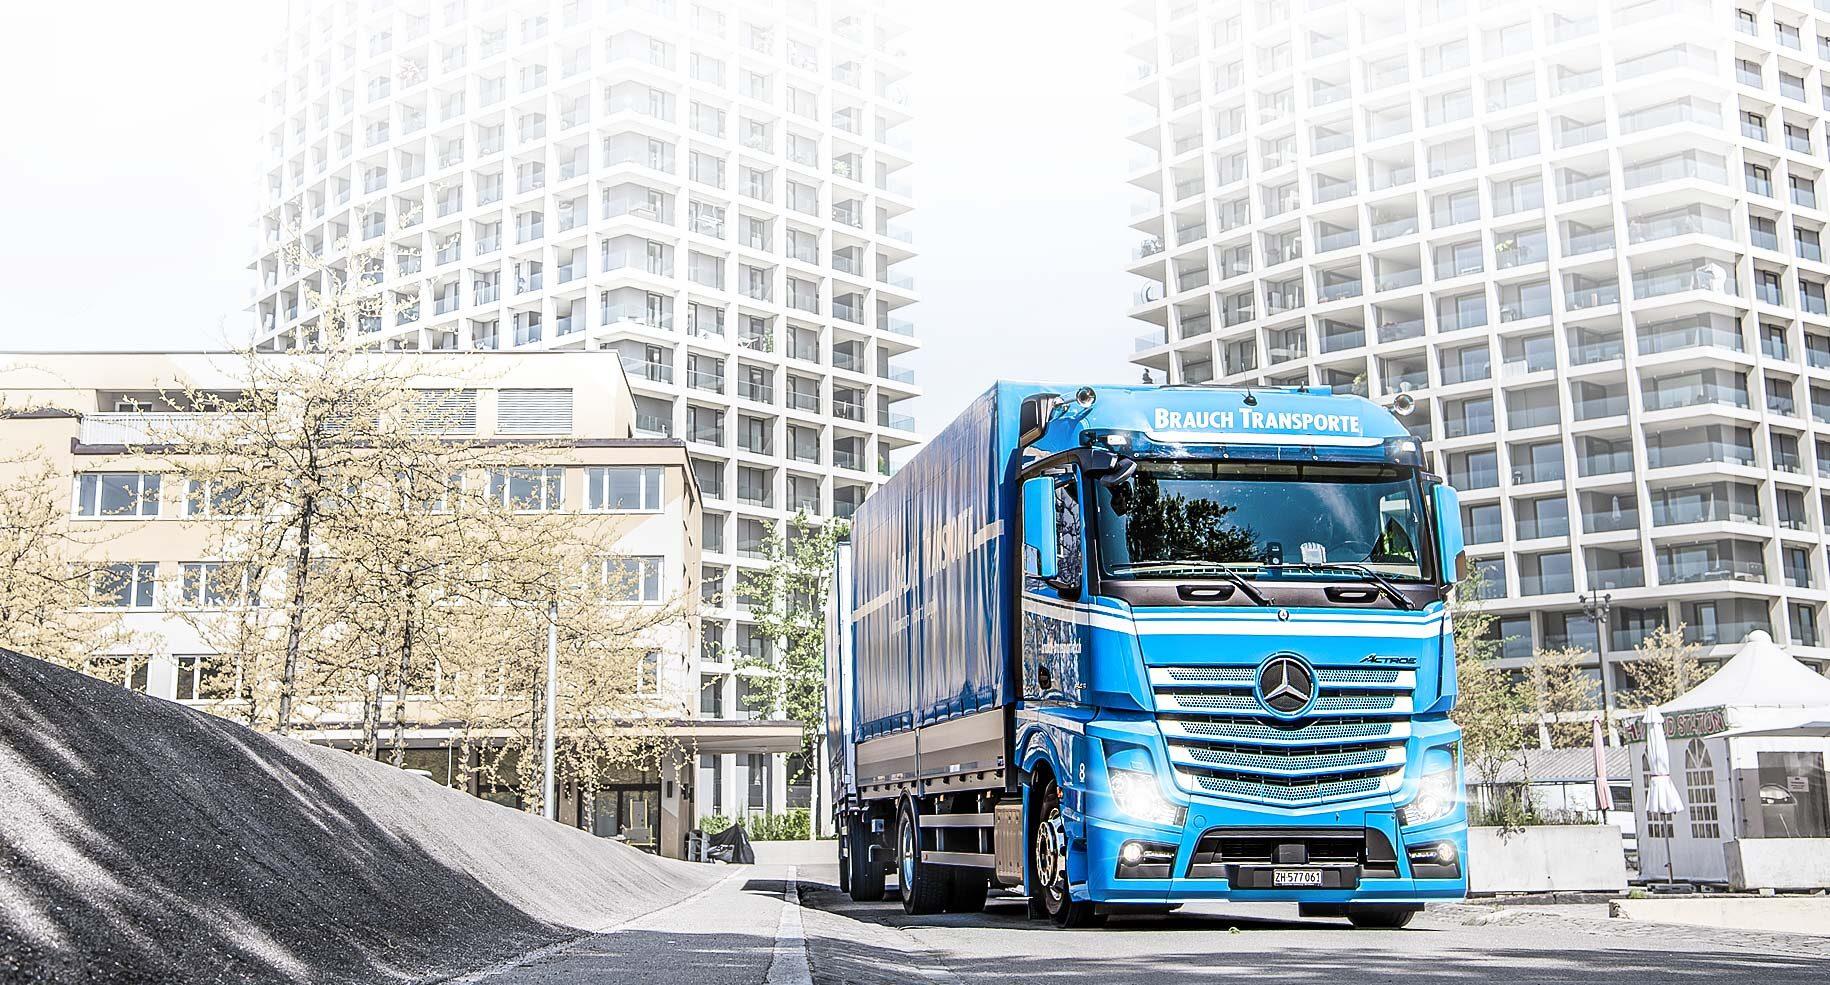 LKW liefert nach Leutschenbach